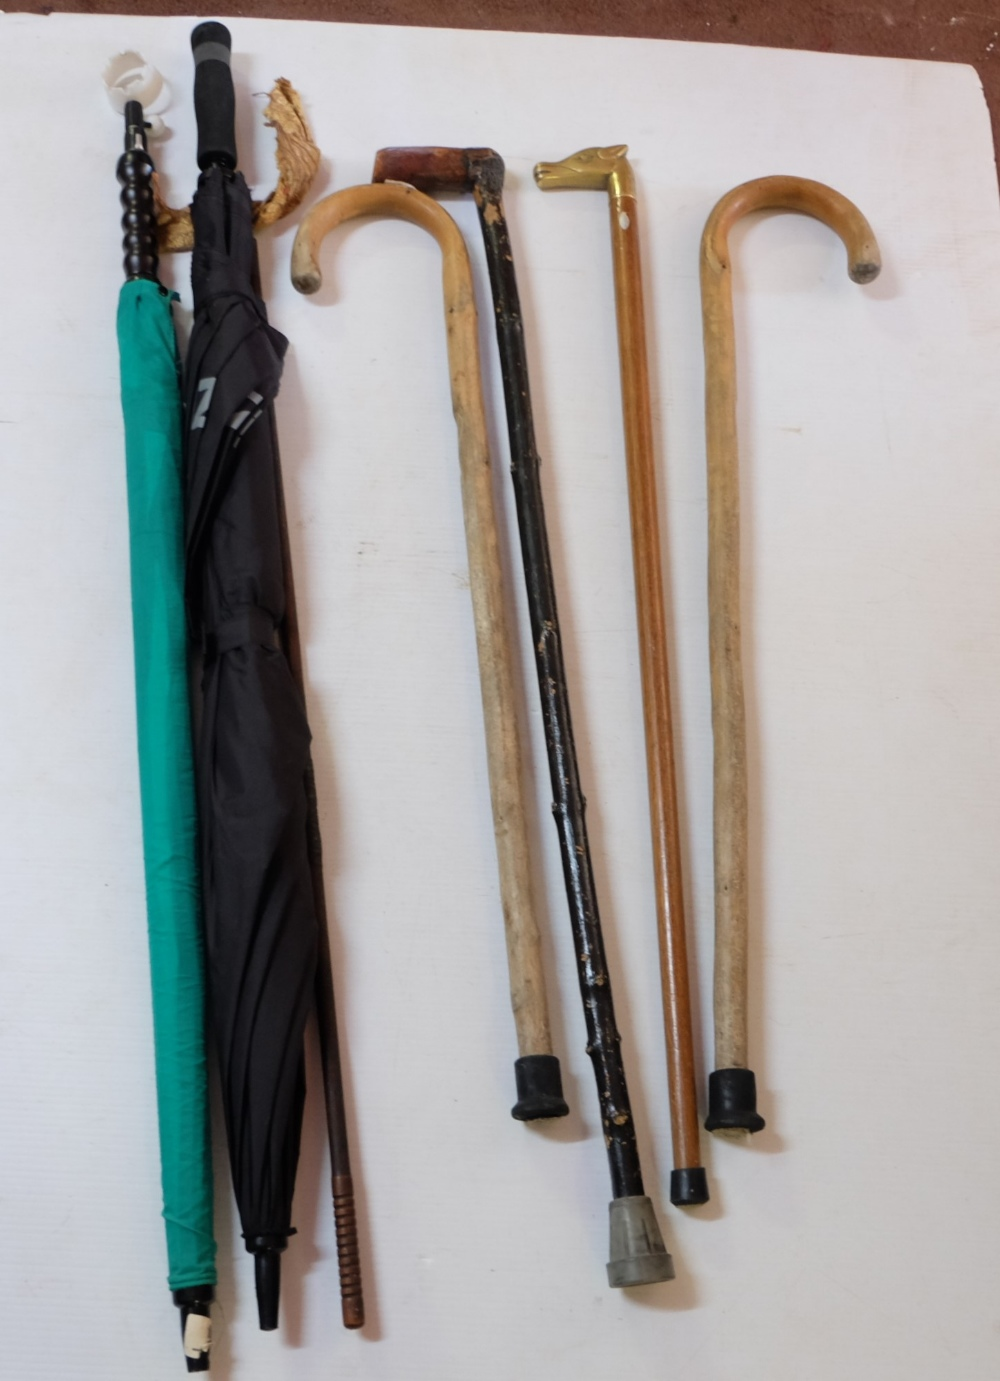 Lot 46 - Group of 5 walking sticks & 2 umbrellas (7)